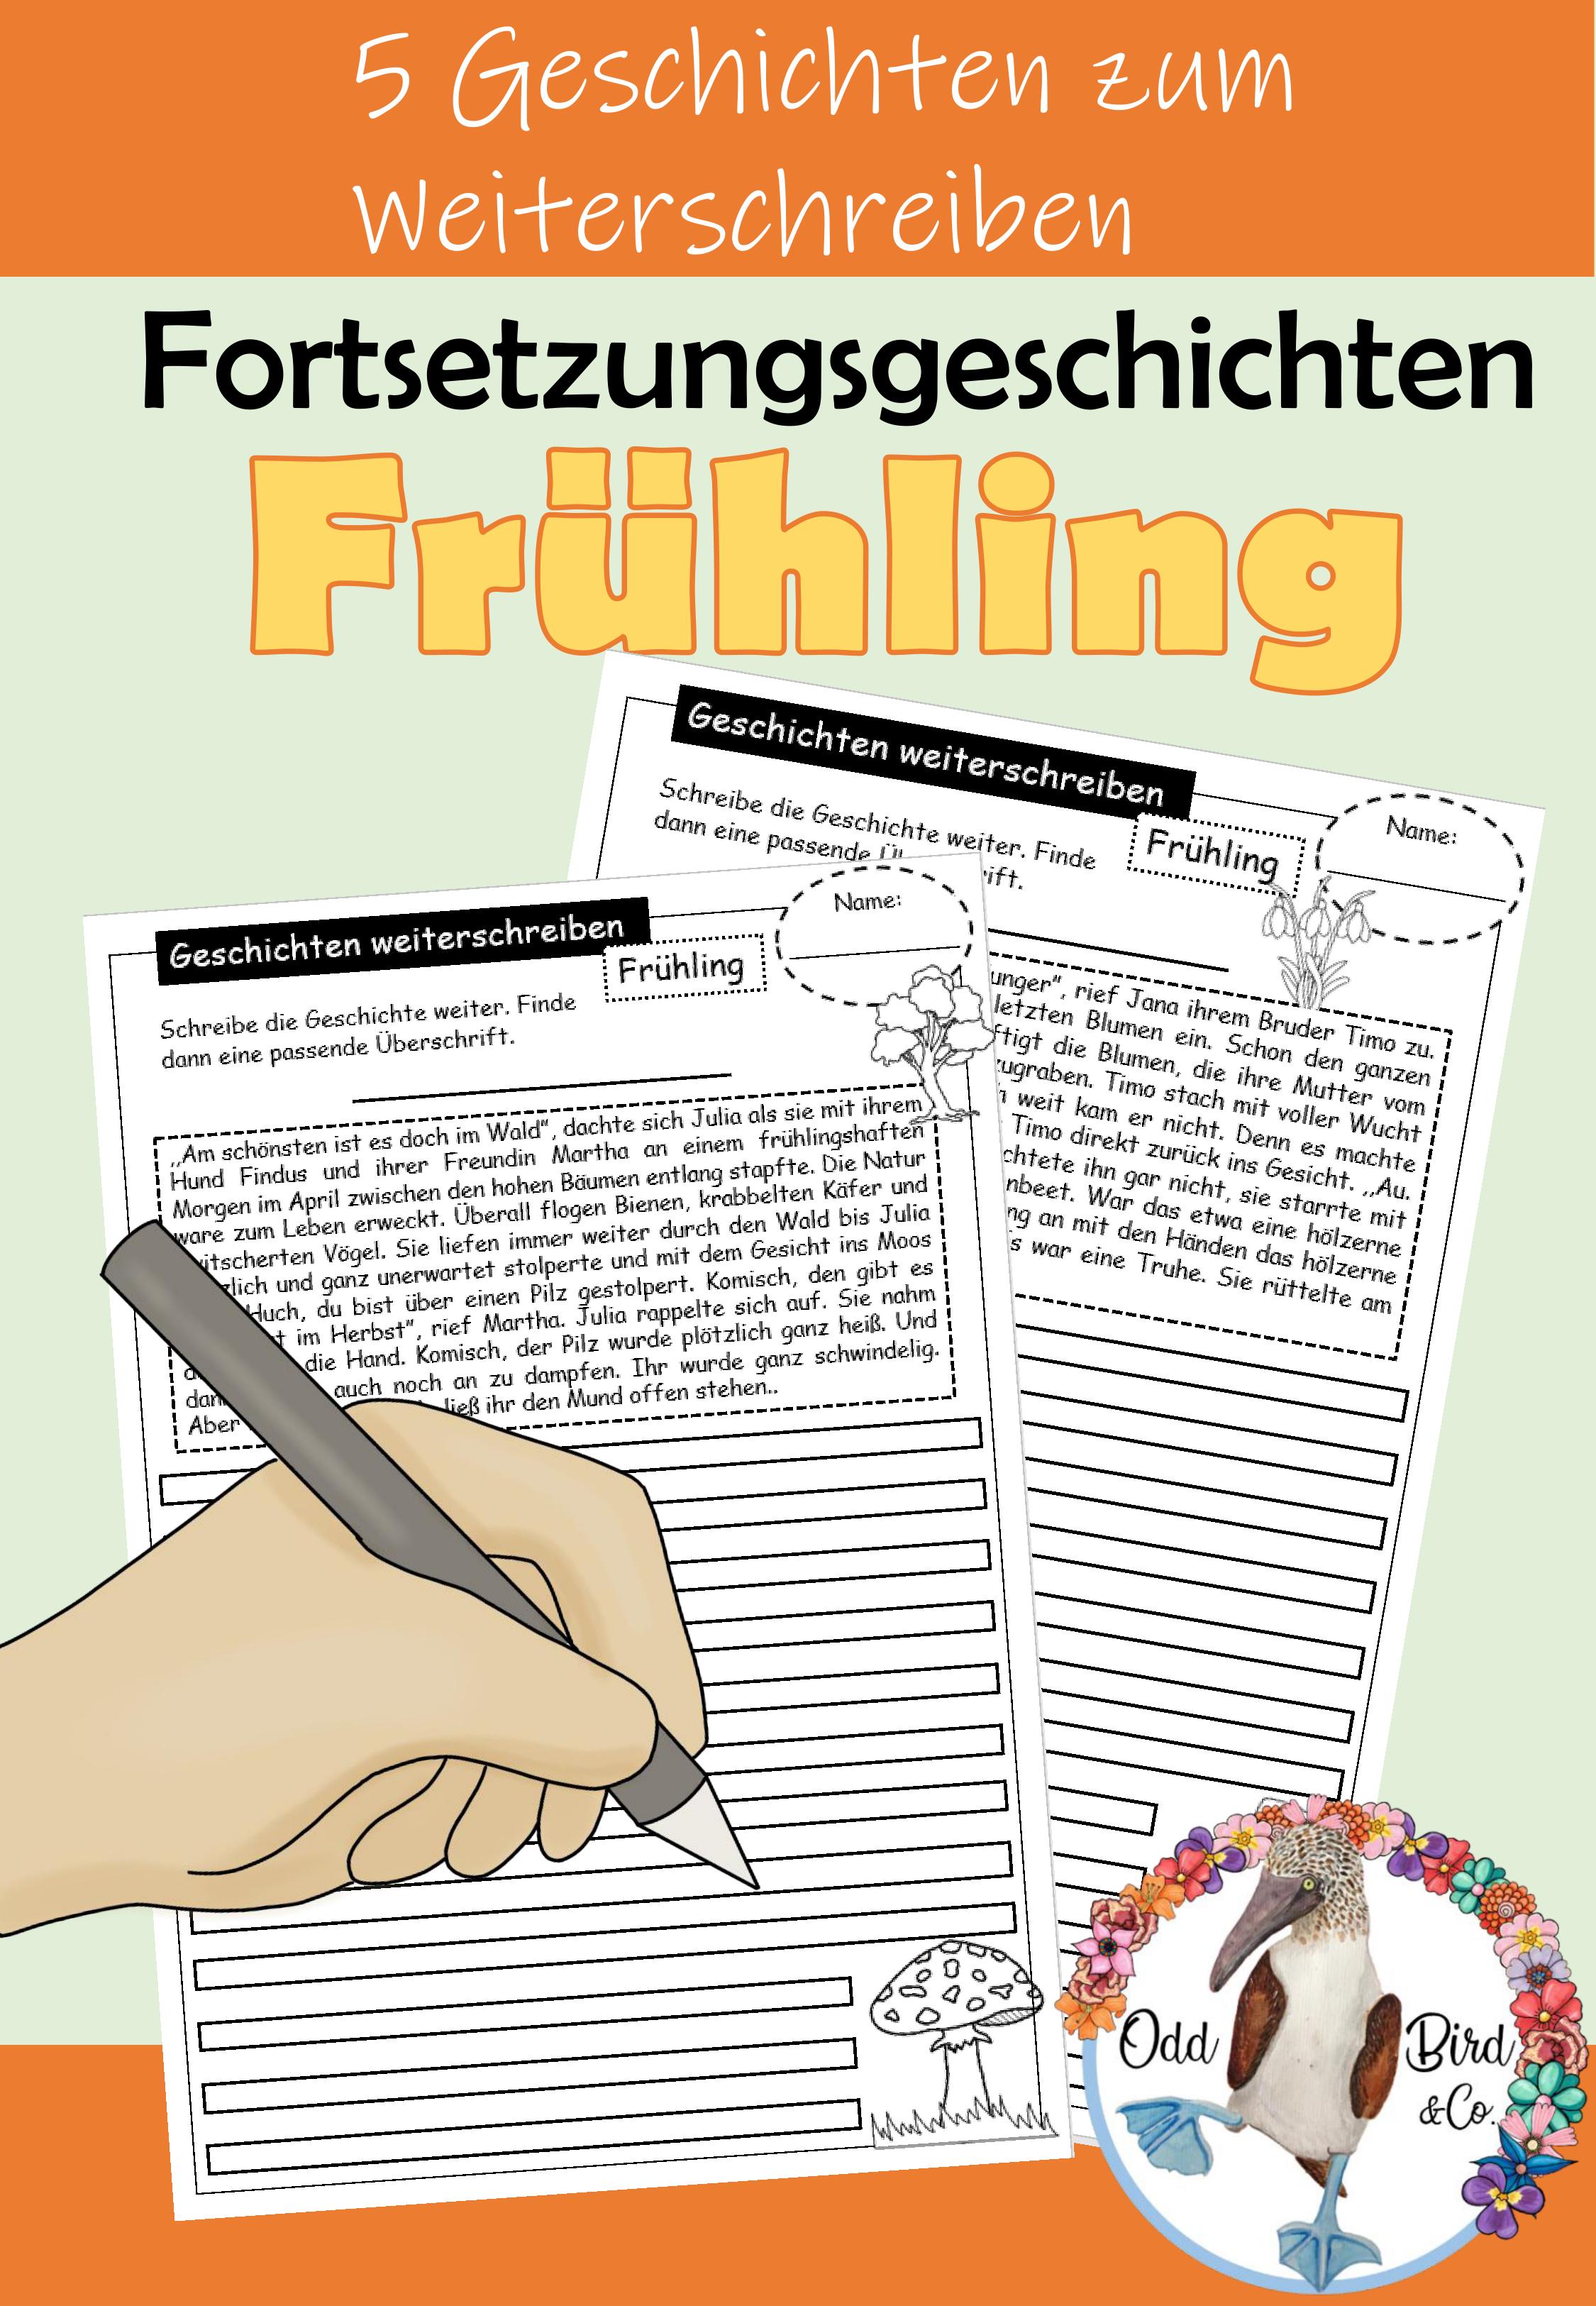 Fruhling Geschichten Weiterschreiben Fortsetzungsgeschichten Schreiben Kreatives Und Freies Schreiben Im Deutschunterricht Unterrichtsmaterial In Den F Deutsch Unterricht Geschichten Daf